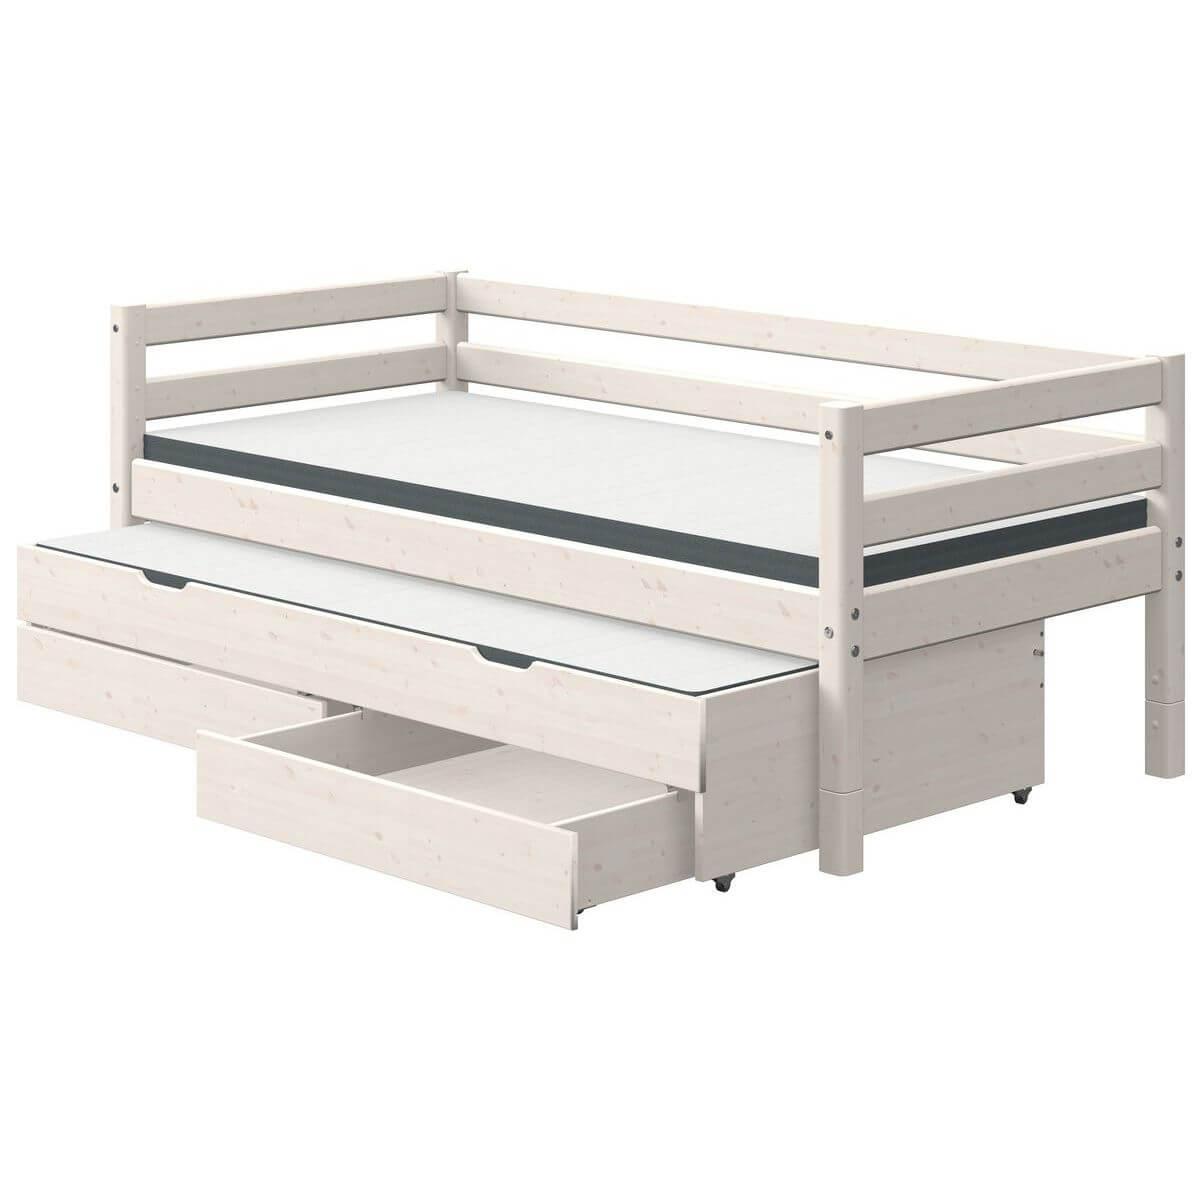 Bett + Ausziehbett auf Rollen + 2 Schubladen 90x190cm CLASSIC Flexa whitewash